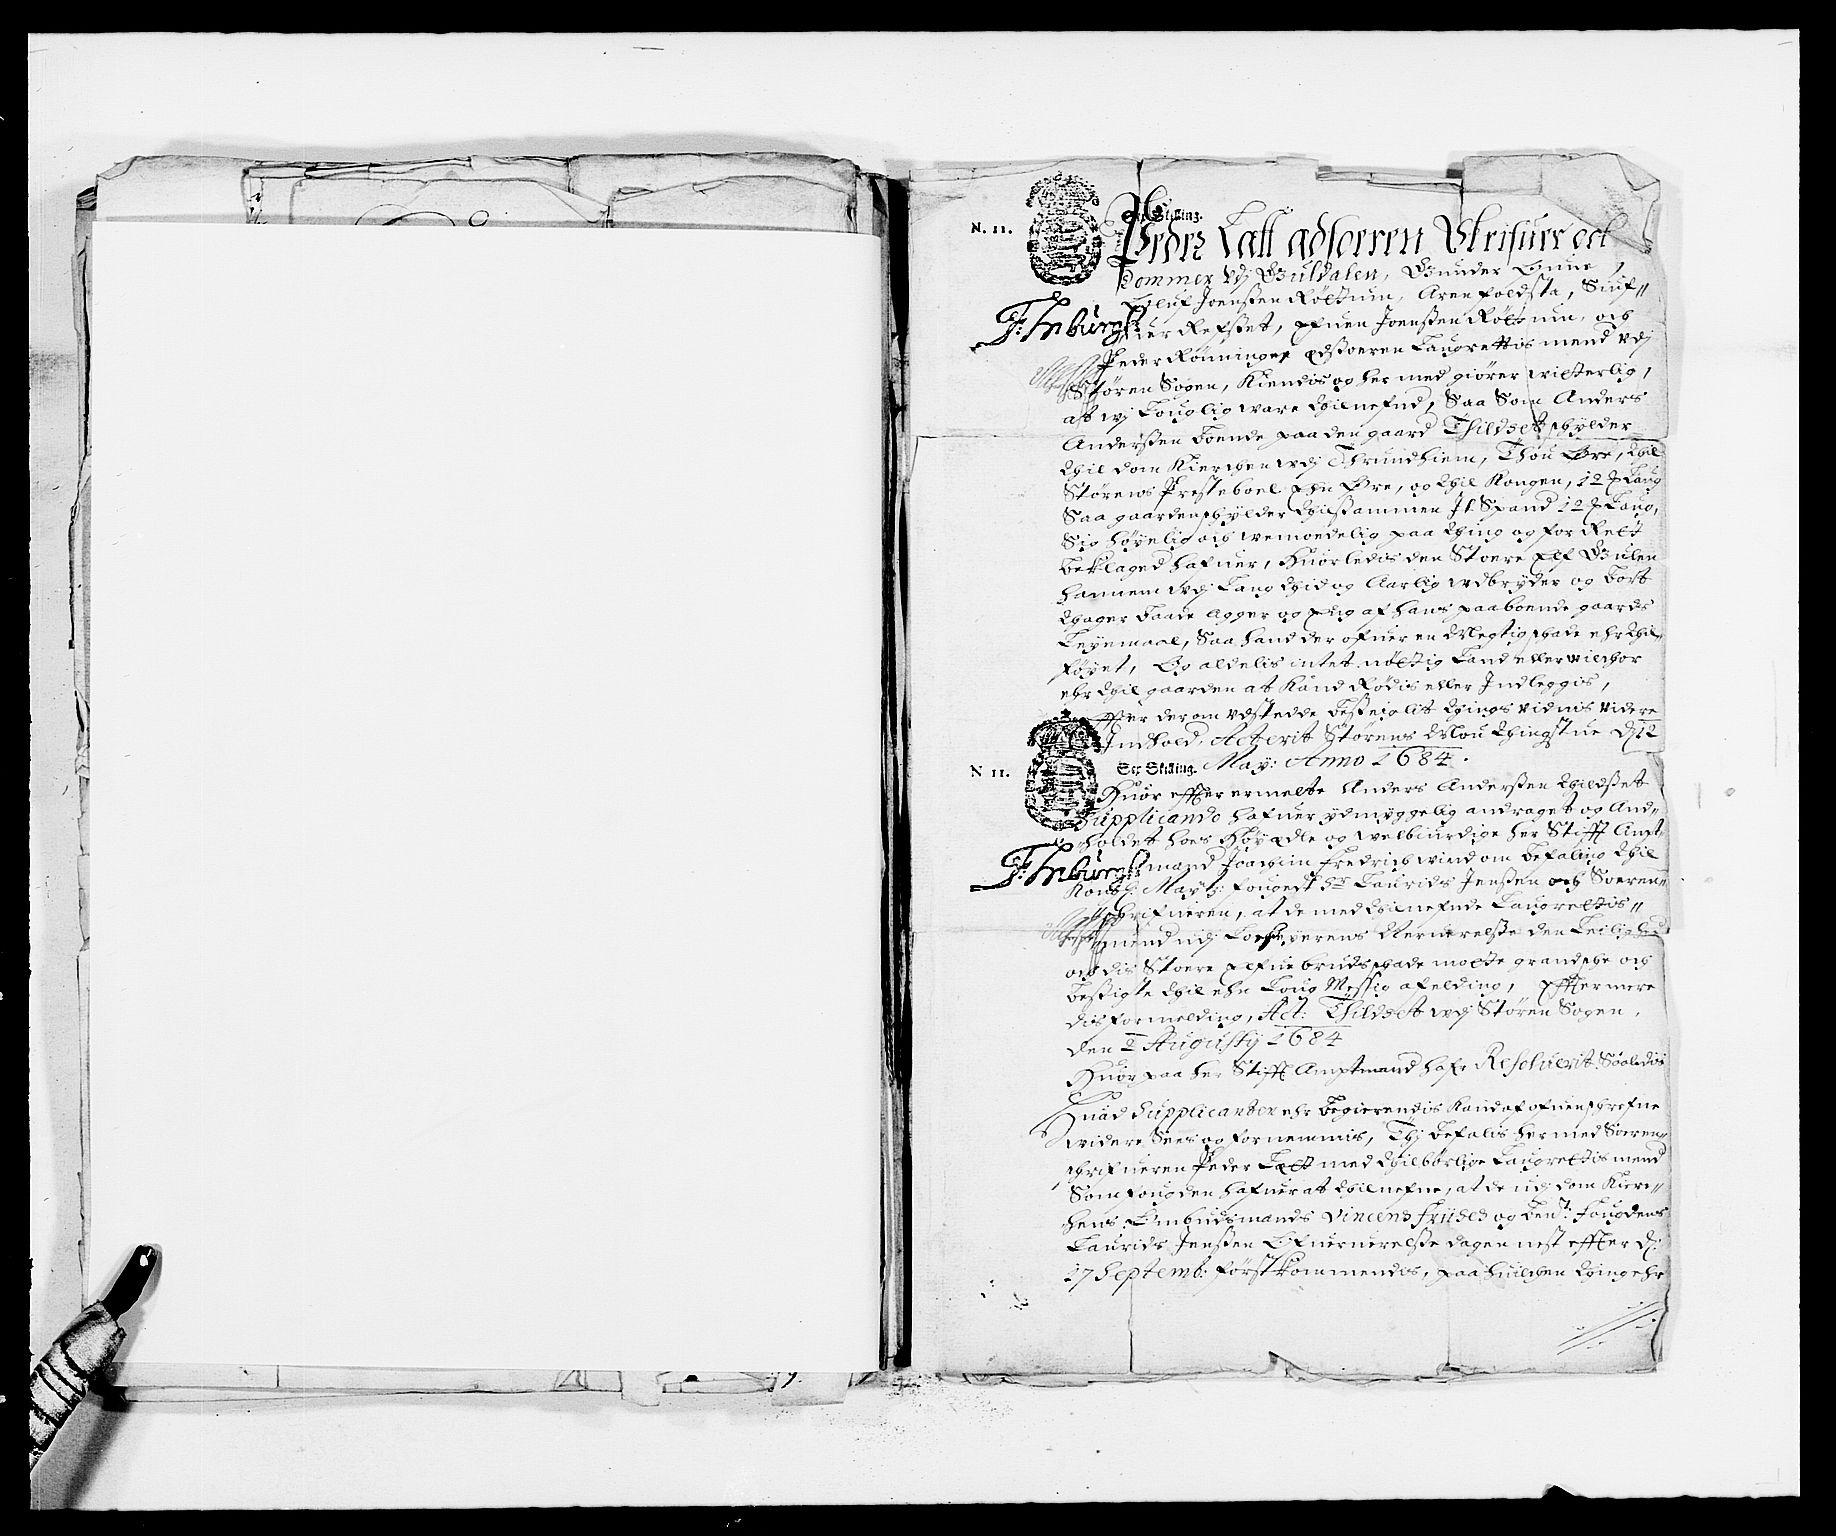 RA, Rentekammeret inntil 1814, Reviderte regnskaper, Fogderegnskap, R59/L3940: Fogderegnskap Gauldal, 1689-1690, s. 177